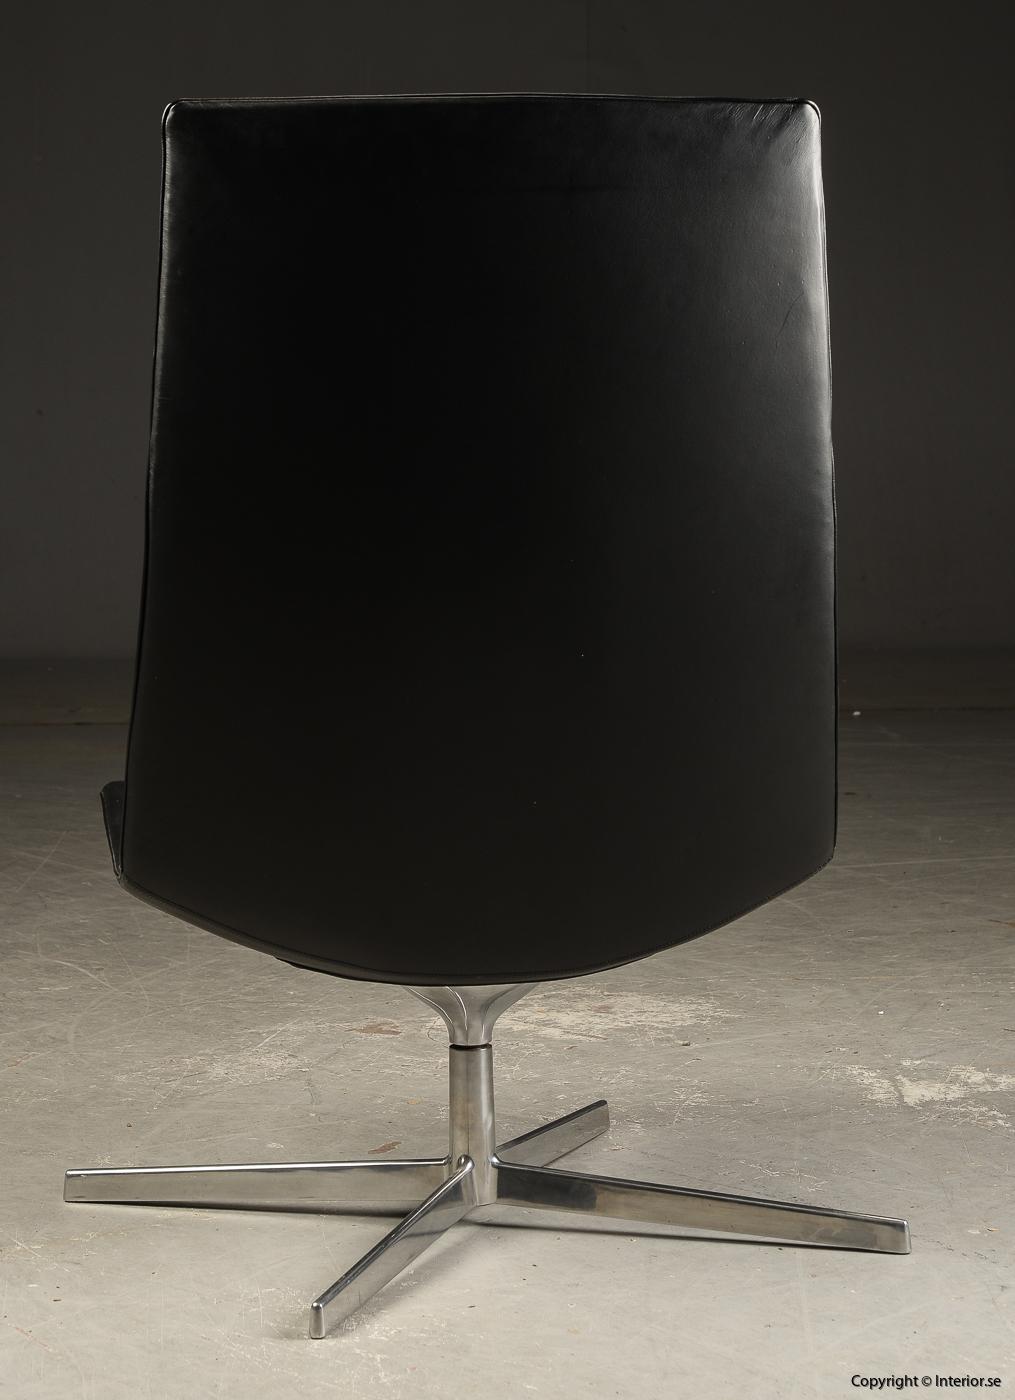 Loungefåtölj lounge chair Arper Catifa 70 läder - Lievore, Altherr, Molina  5